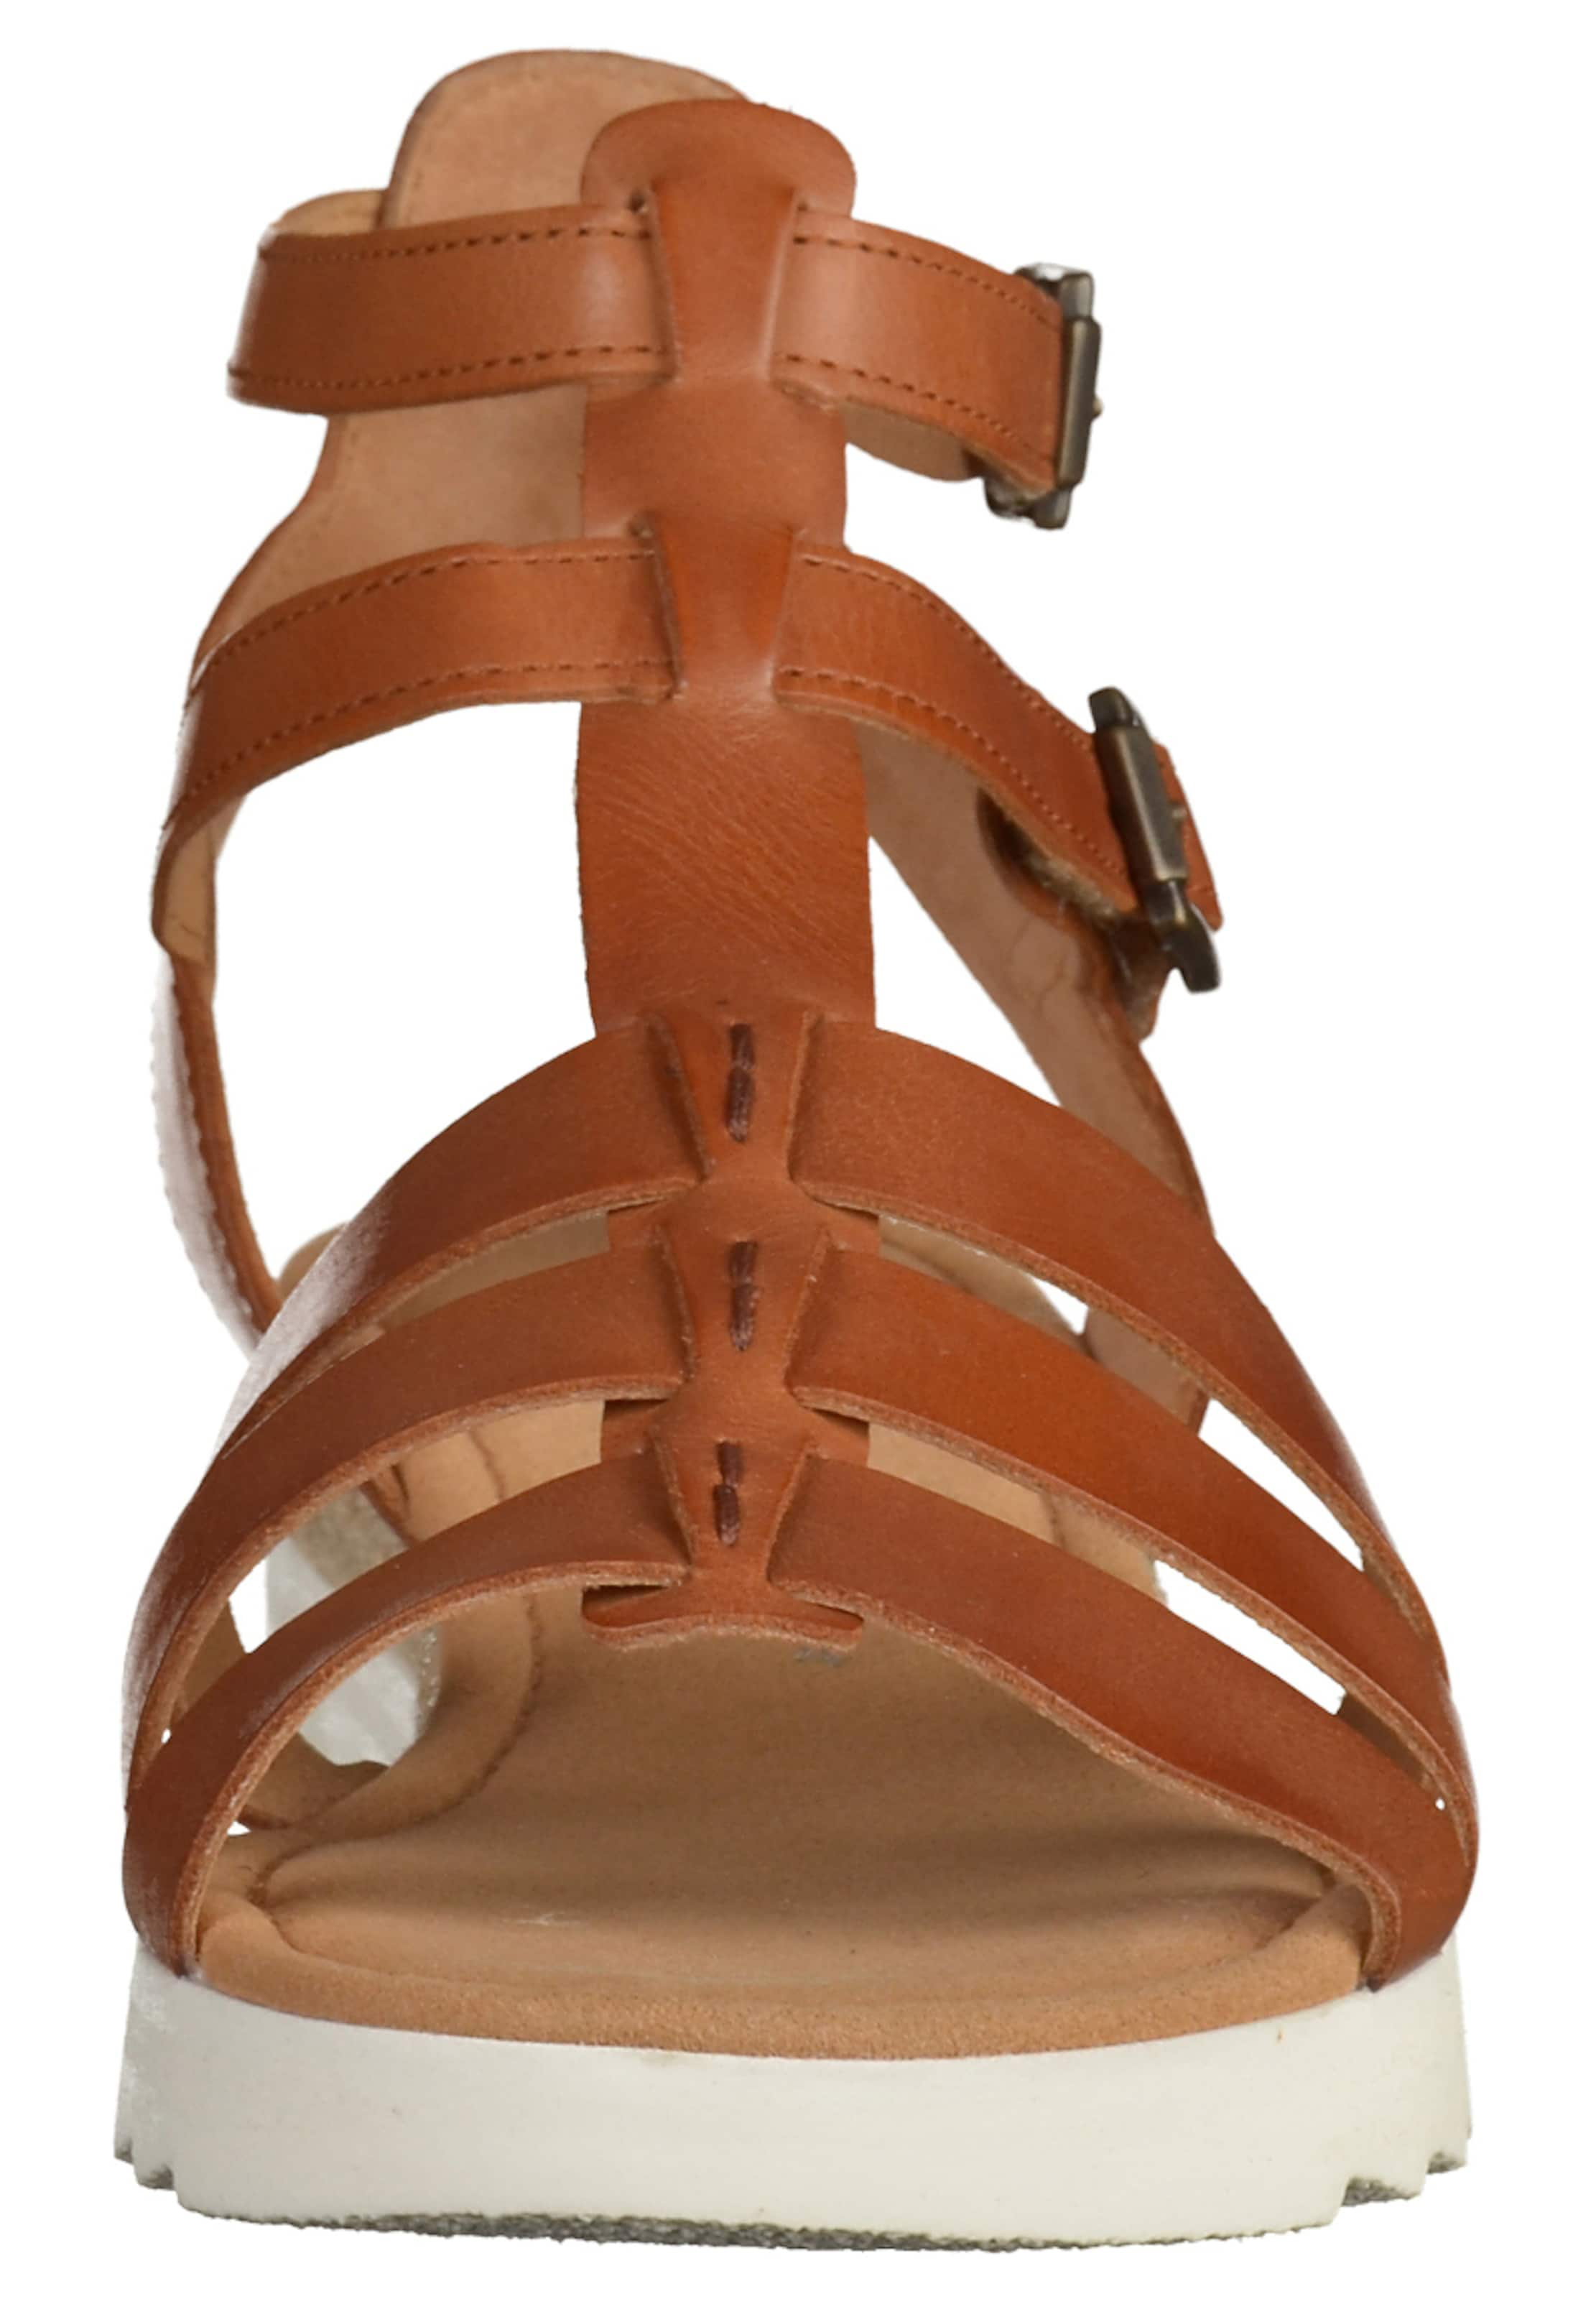 Vorbestellung Verkauf Online Echt Verkauf Online GABOR Sandalen Zahlen Mit Paypal Günstigem Preis Billig Verkauf Mit Kreditkarte Verkauf Sast 6Qfv8HT8